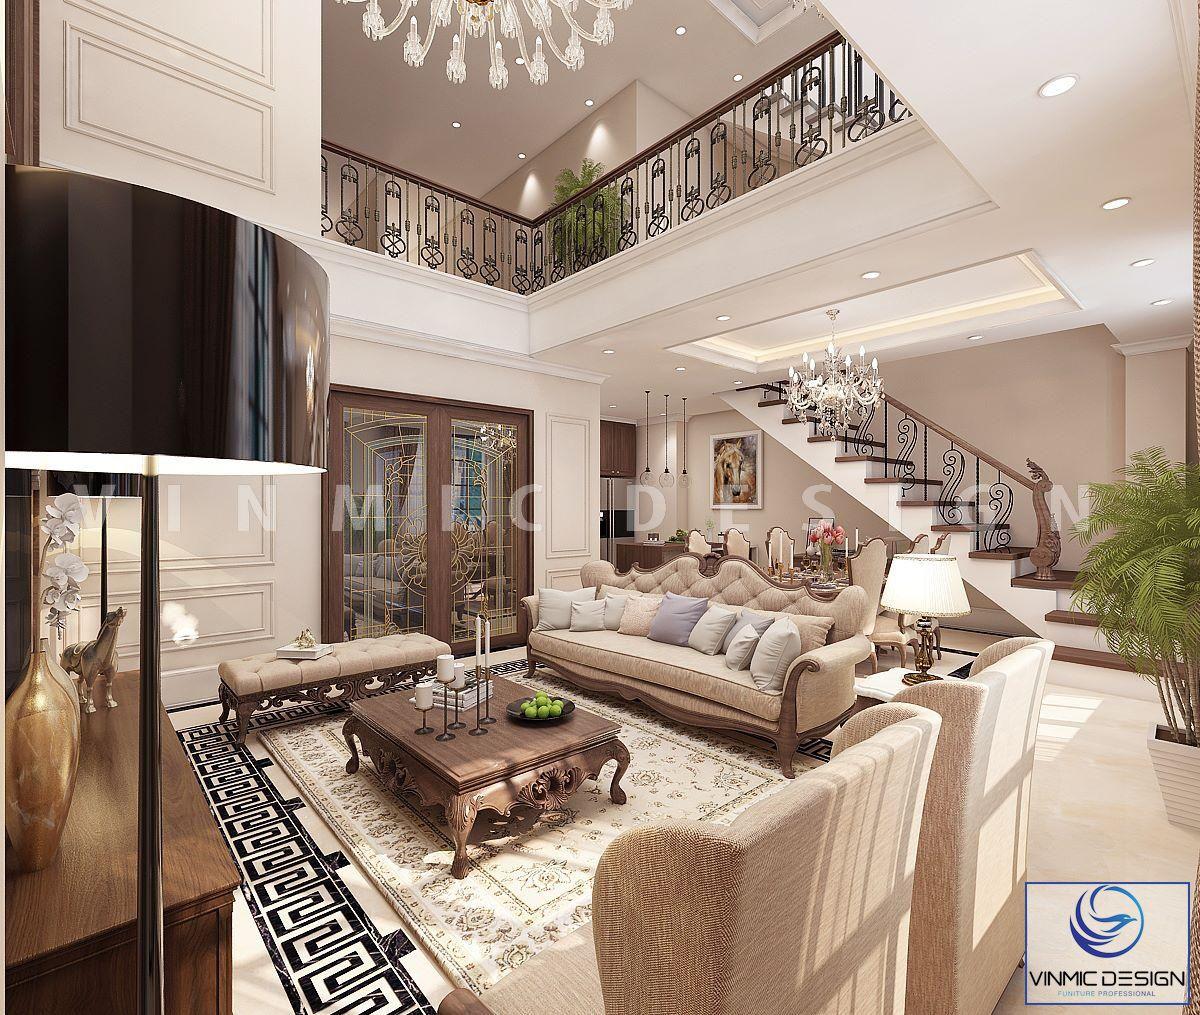 Một góc của phòng khách biệt thự được thiết kế đậm chất cổ điển